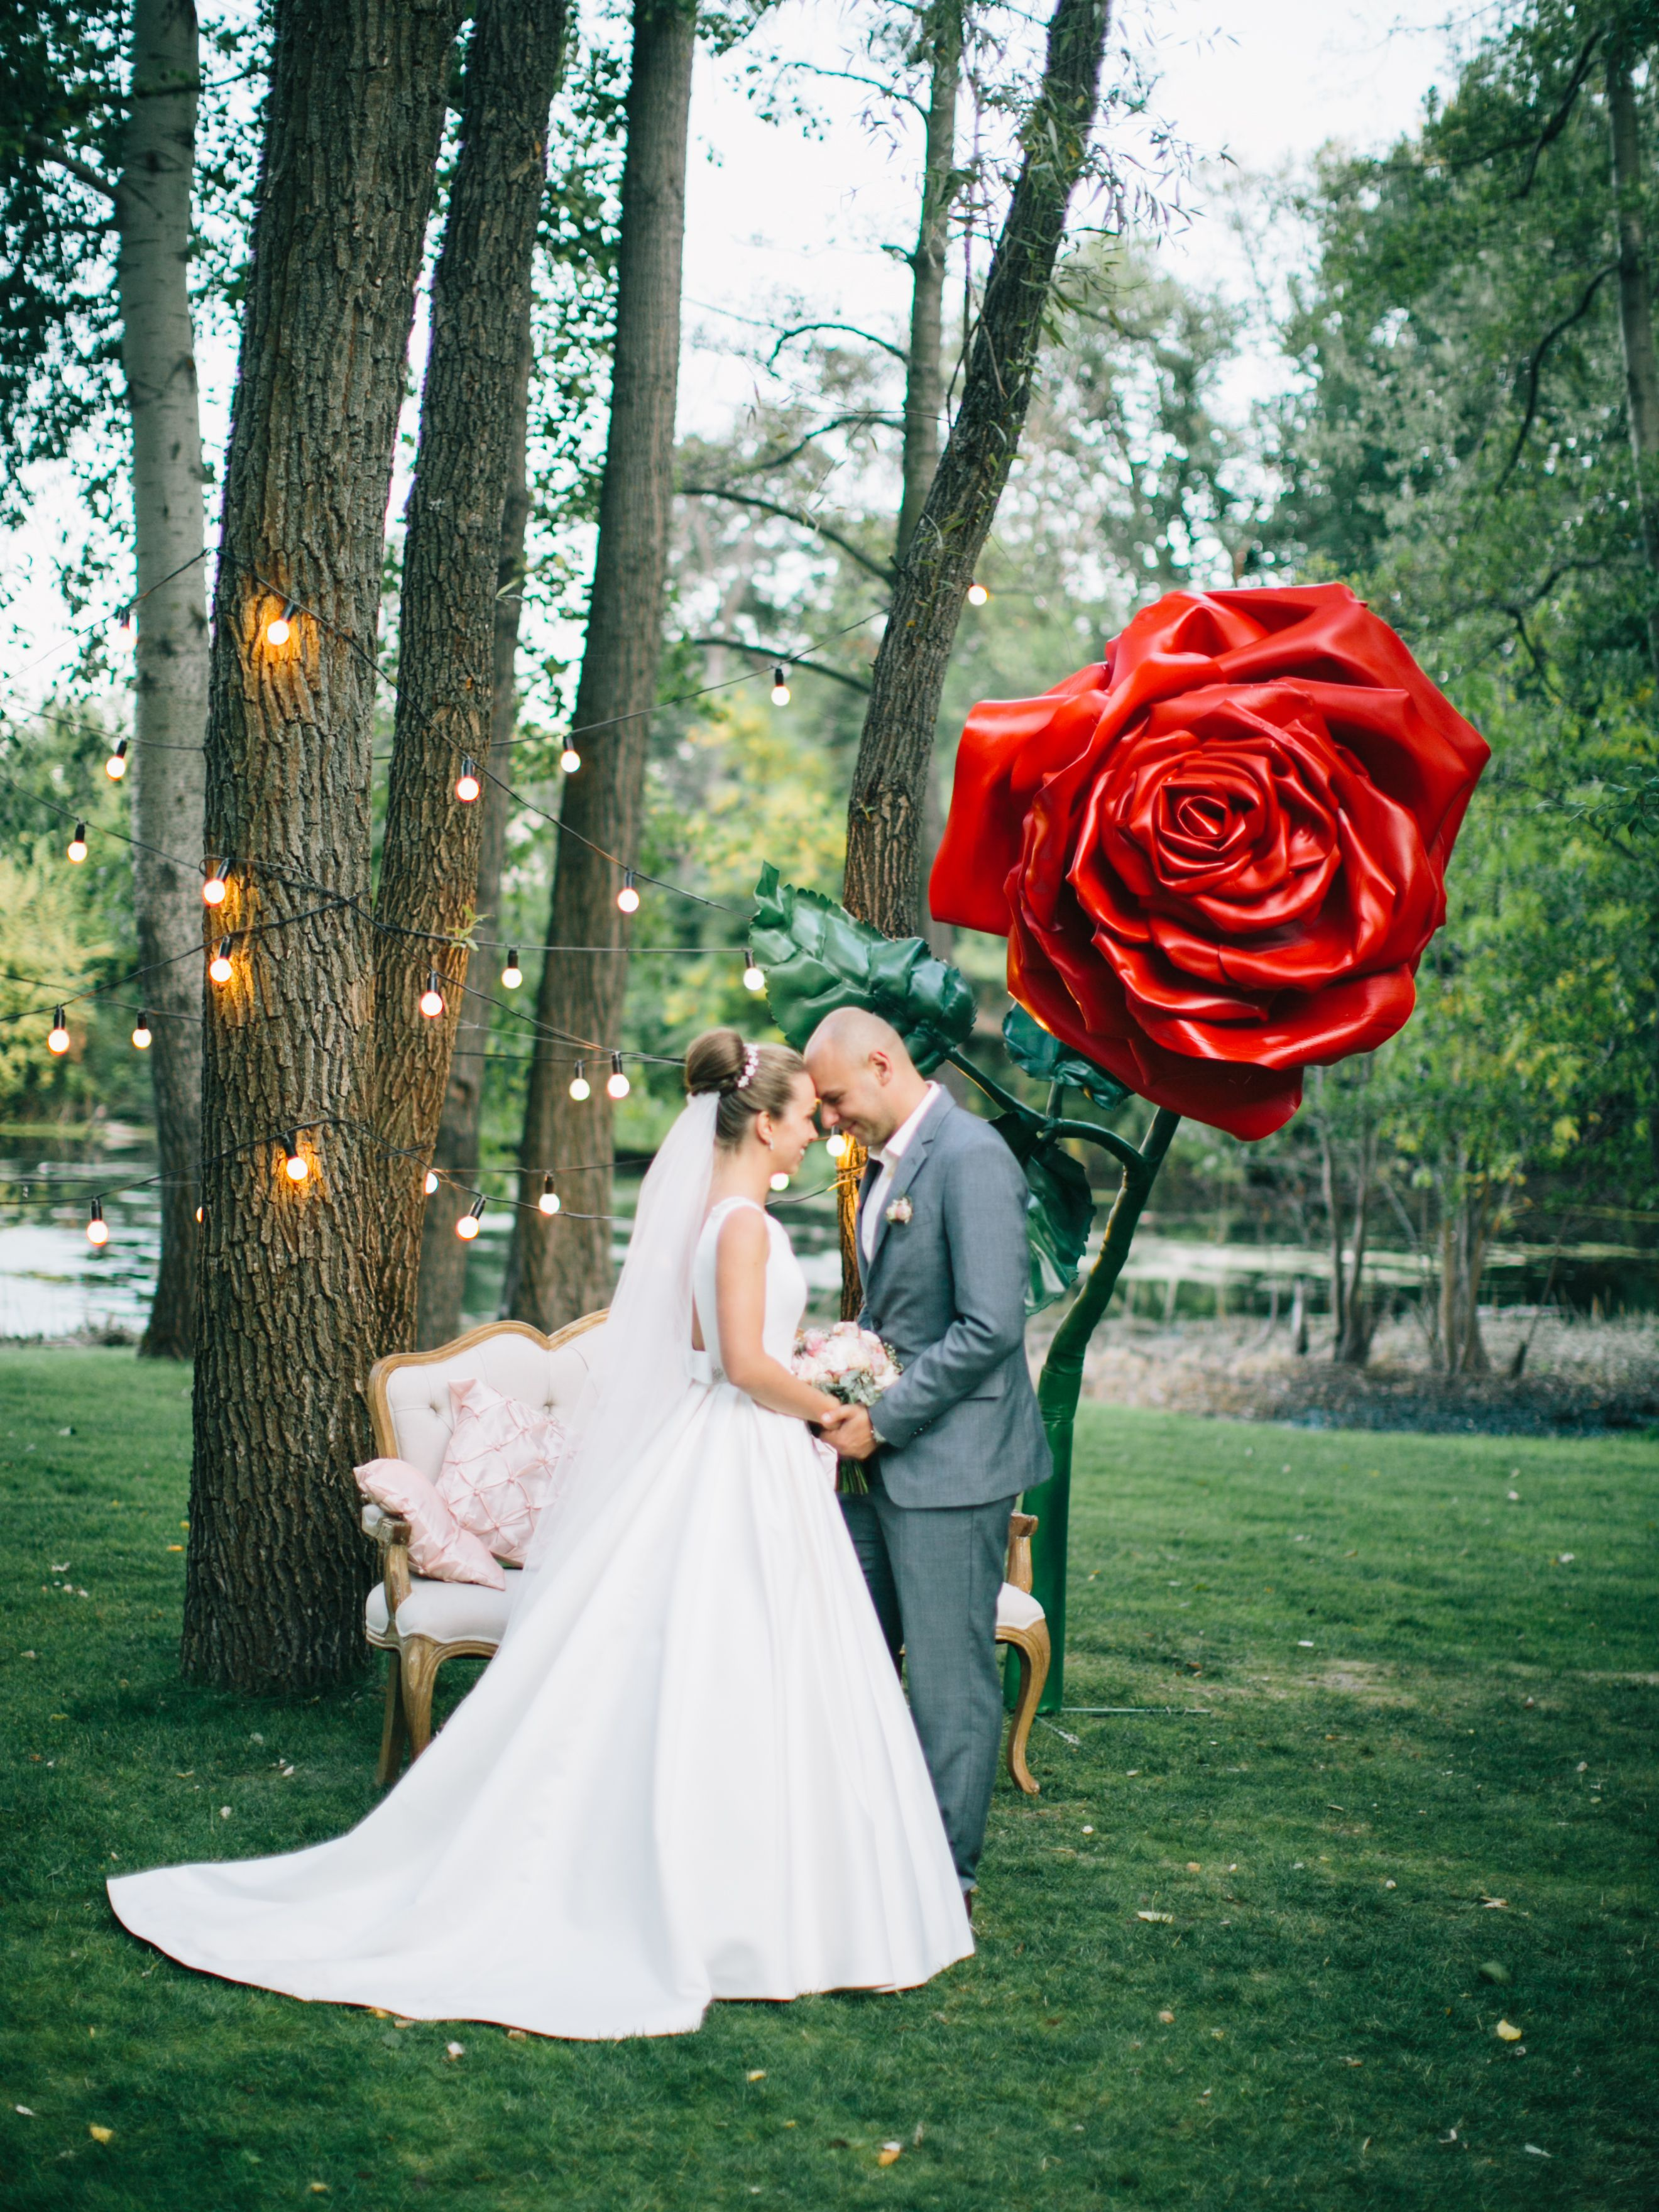 wedding photo zone, wedding photo, wedding decor, night wedding photo zone, night photo zone, flowers decor, garland, свадебная фото зона, ночная фотозона, оформление свадьбы, летняя свадьба, цветочное оформление, гирлянда, цветы, роза, диван, маленький принц